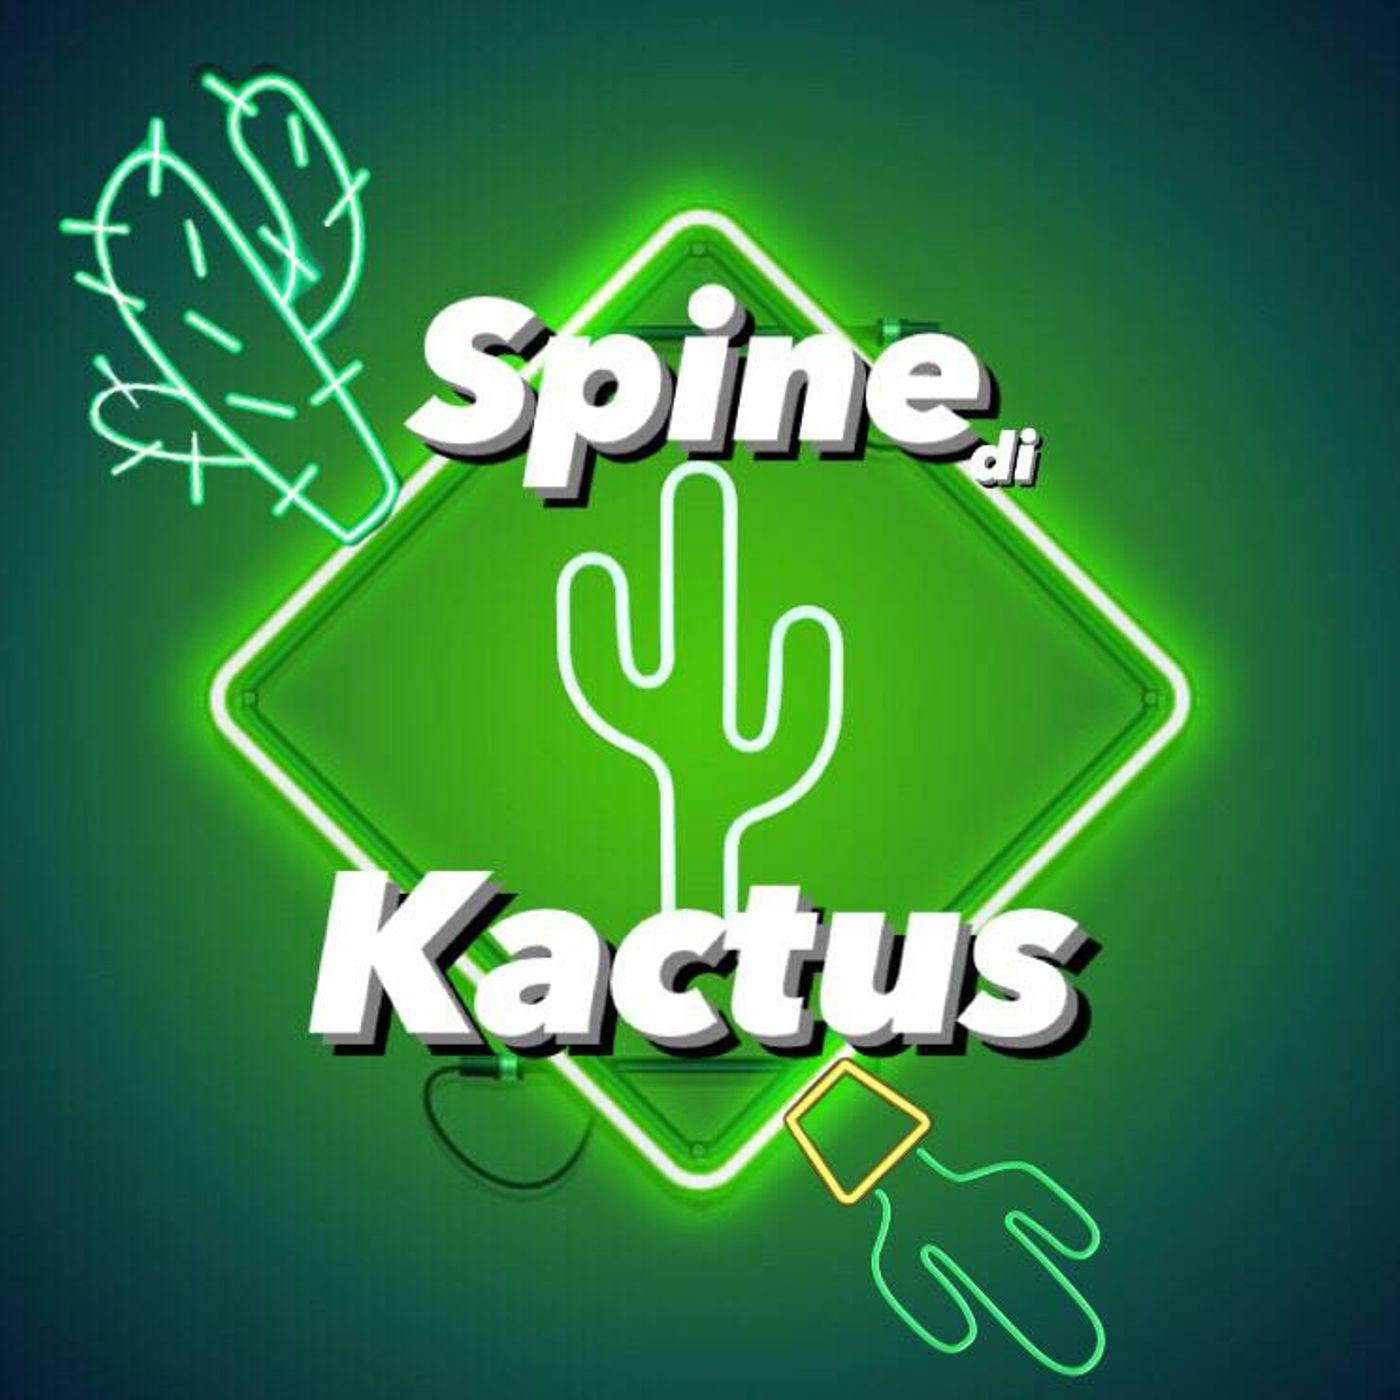 Le perversioni sessuali di Adolf Hitler - Episodio 03 - Spine di Kactus - Podcast del Kactus